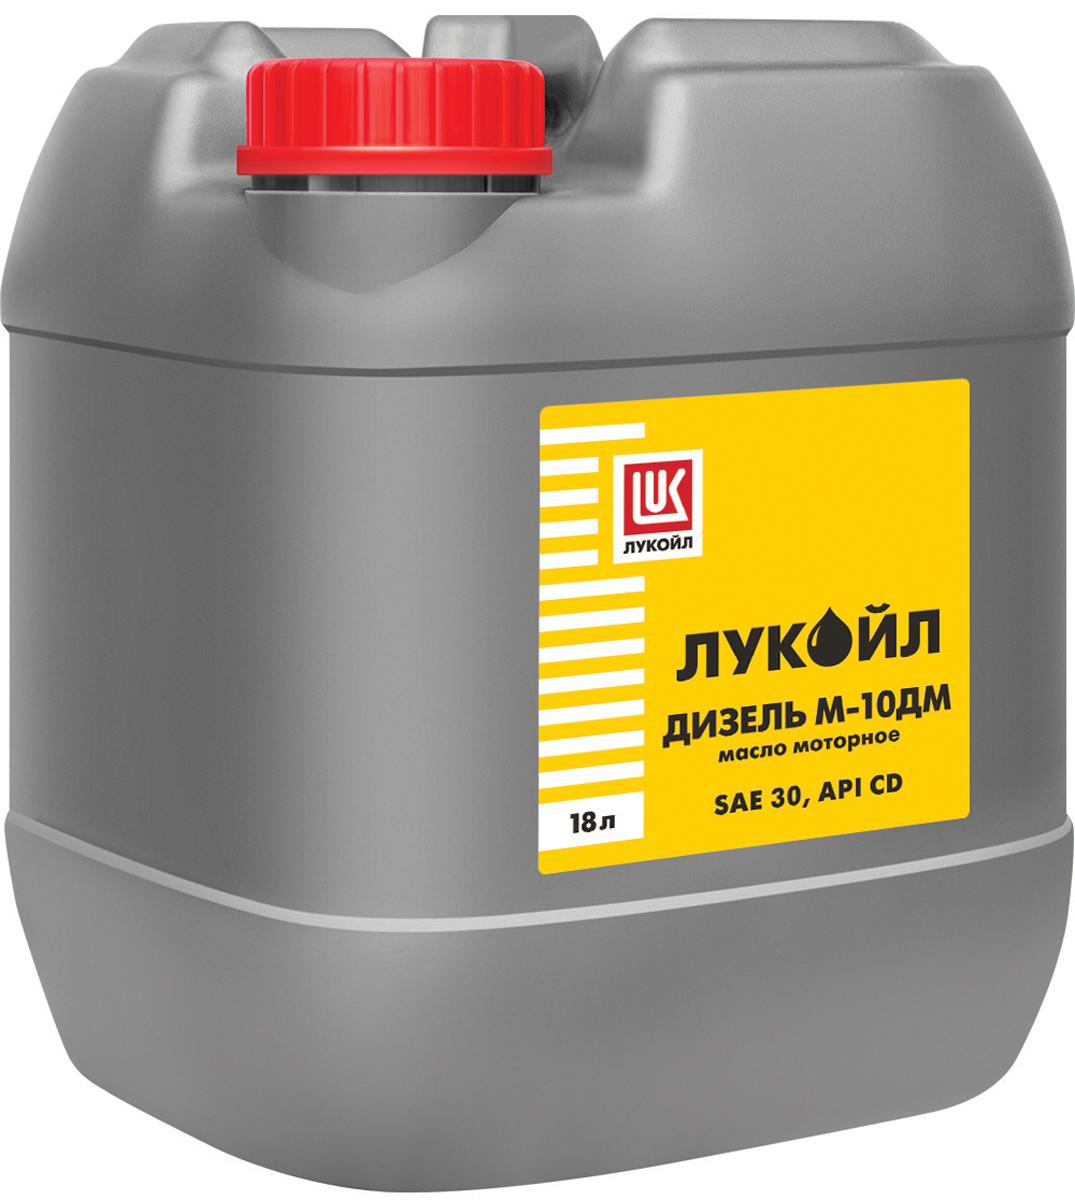 Масло моторное ЛУКОЙЛ ДИЗЕЛЬ М-10ДМ, 18 л193643ЛУКОЙЛ ДИЗЕЛЬ М-8ДМ, М-10ДМ - серия высококачественных минеральных моторных масел, содержащих высокоэффективную композицию присадок, улучшающих моюще-диспергирующие, противоизносные, антикоррозионные и другие эксплуатационные свойства. API CD Масла ЛУКОЙЛ ДИЗЕЛЬ М-8ДМ, М-10ДМ предназначены, соответственно, для зимней и летней эксплуатации высокофорсированных дизелей с турбонаддувом, работающих в тяжелых условиях.Масла ЛУКОЙЛ ДИЗЕЛЬ М-8ДМ, М-10ДМ могут применяться в дизелях различных конструкций других производителей с различной степенью форсирования и наддува, устанавливаемых на различной дорожно-строительной технике, работающей в тяжелых условиях (карьерные самосвалы, бульдозеры, тяжелые промышленные трактора, грузовые автомобили типа КАМАЗ, авто-поезда, тягачи, городские и междугородные автобусы), в дизель-генераторах, в различных видах заводского технологического оборудования и в сельскохозяйственных тракторах, для которых требуются масла группы ДМ. - Обеспечивают высокие эксплуатационные характеристики при работе в экстремальных условиях.- Стабильность эксплуатационных характеристик при эксплуатации в тяжелых условиях.- Отличные моюще-диспергирующие свойства – способность предотвращать образование нагаров, лаков и шламовых отложений, обеспечивая чистоту рабочих поверхностей деталей двигатели.- Отличные антикоррозийные свойства.- Высокая термоокислительная стабильность.- Эффективно предотвращают износ.Товар сертифицирован.